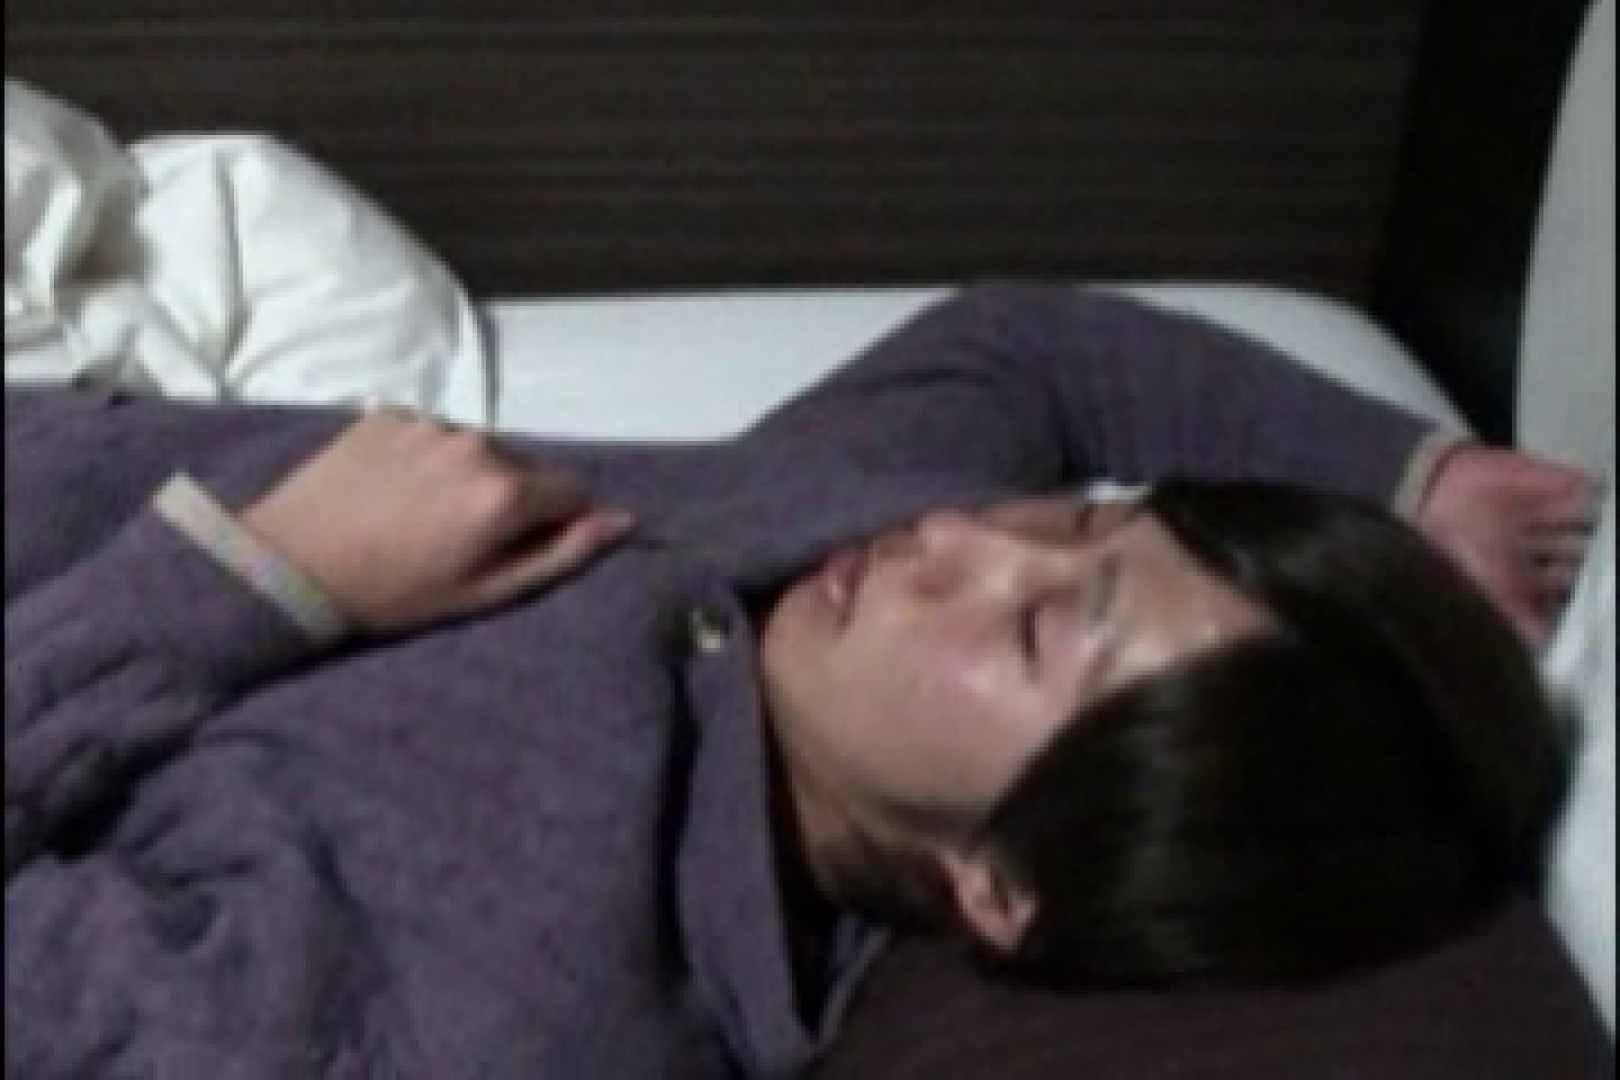 【個人買取】彼は夢の中、俺が潜入激撮!! フェラ天国 ゲイ無修正ビデオ画像 104pic 4